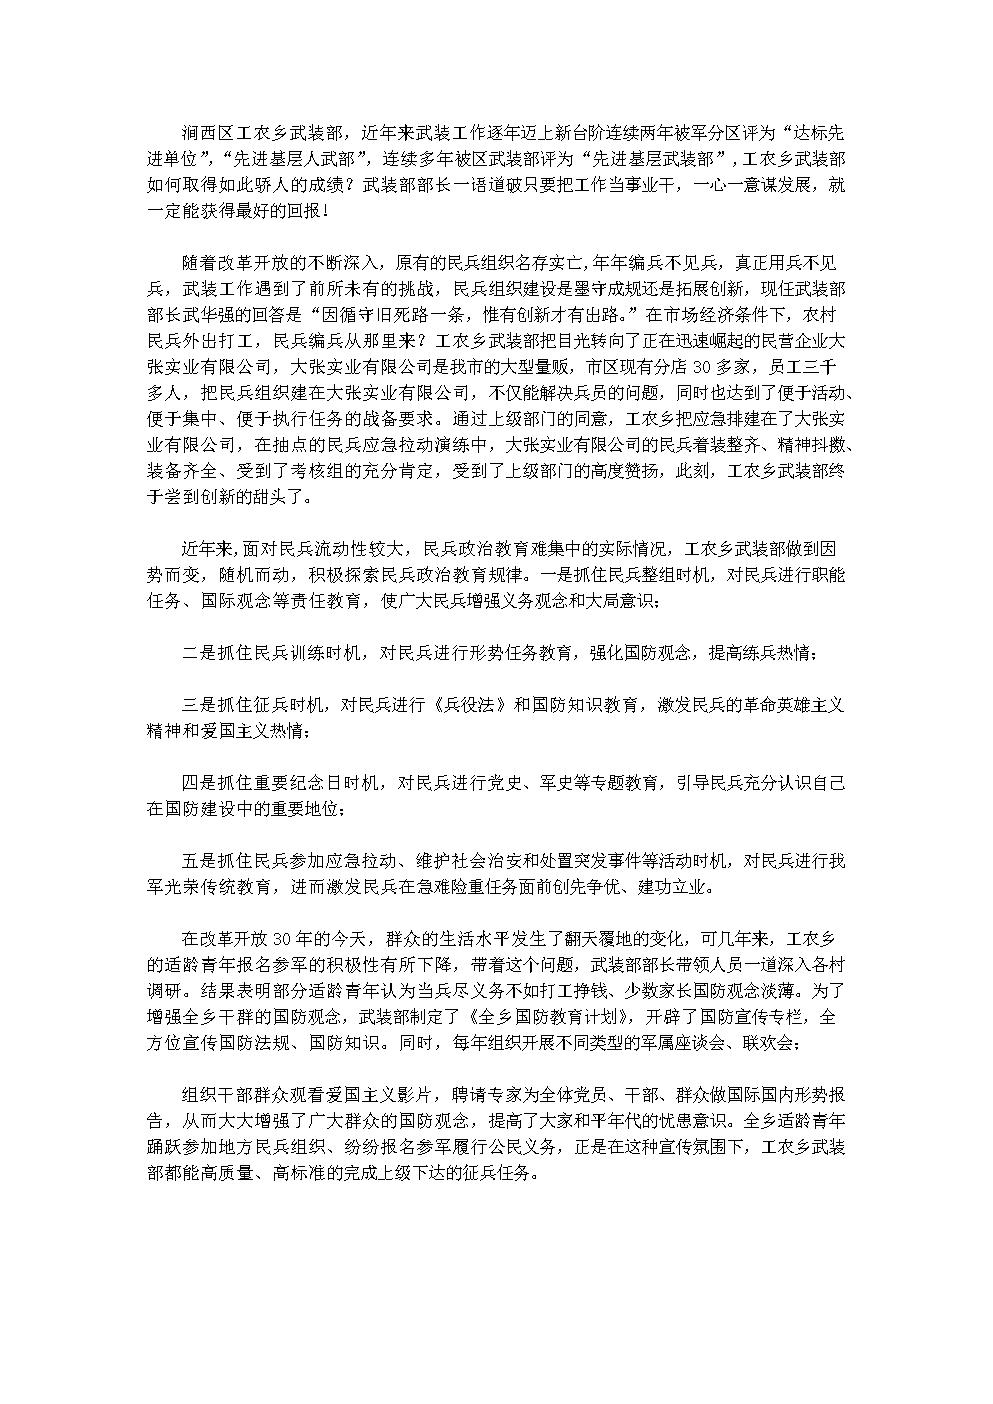 2020年瞄准目标创辉煌——基层武装部先进事迹报告.doc